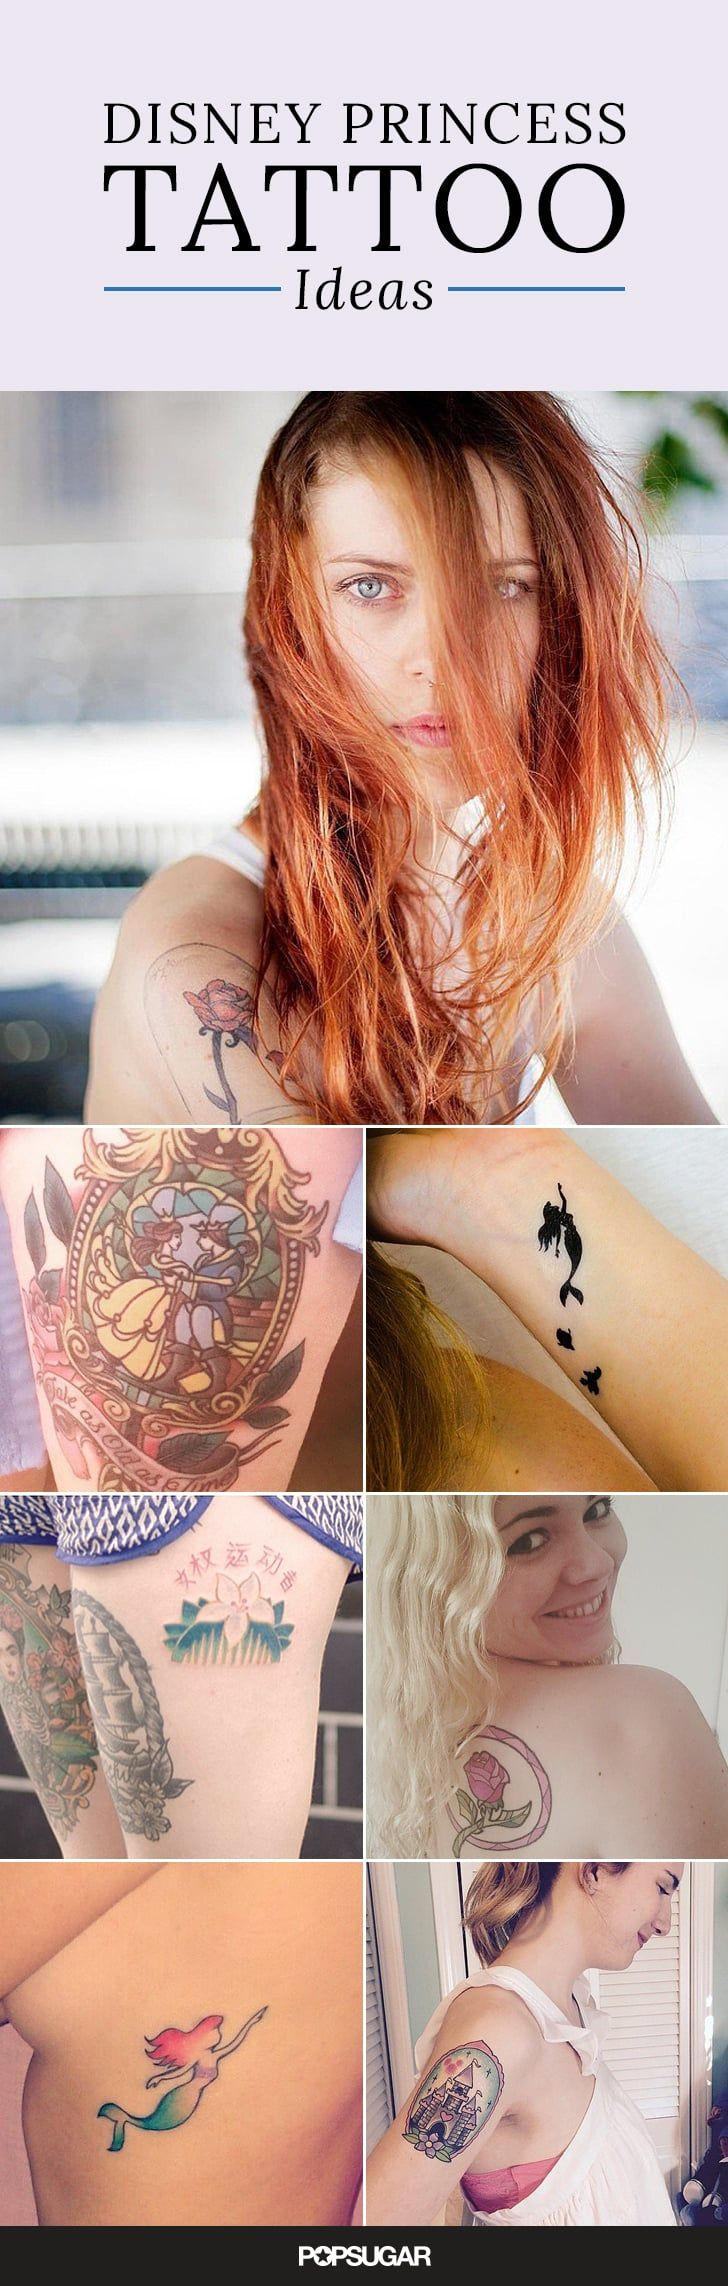 Les 25 meilleures id es de la cat gorie tatouage de jambe - Idees creatives chambres feront retomber en enfance ...